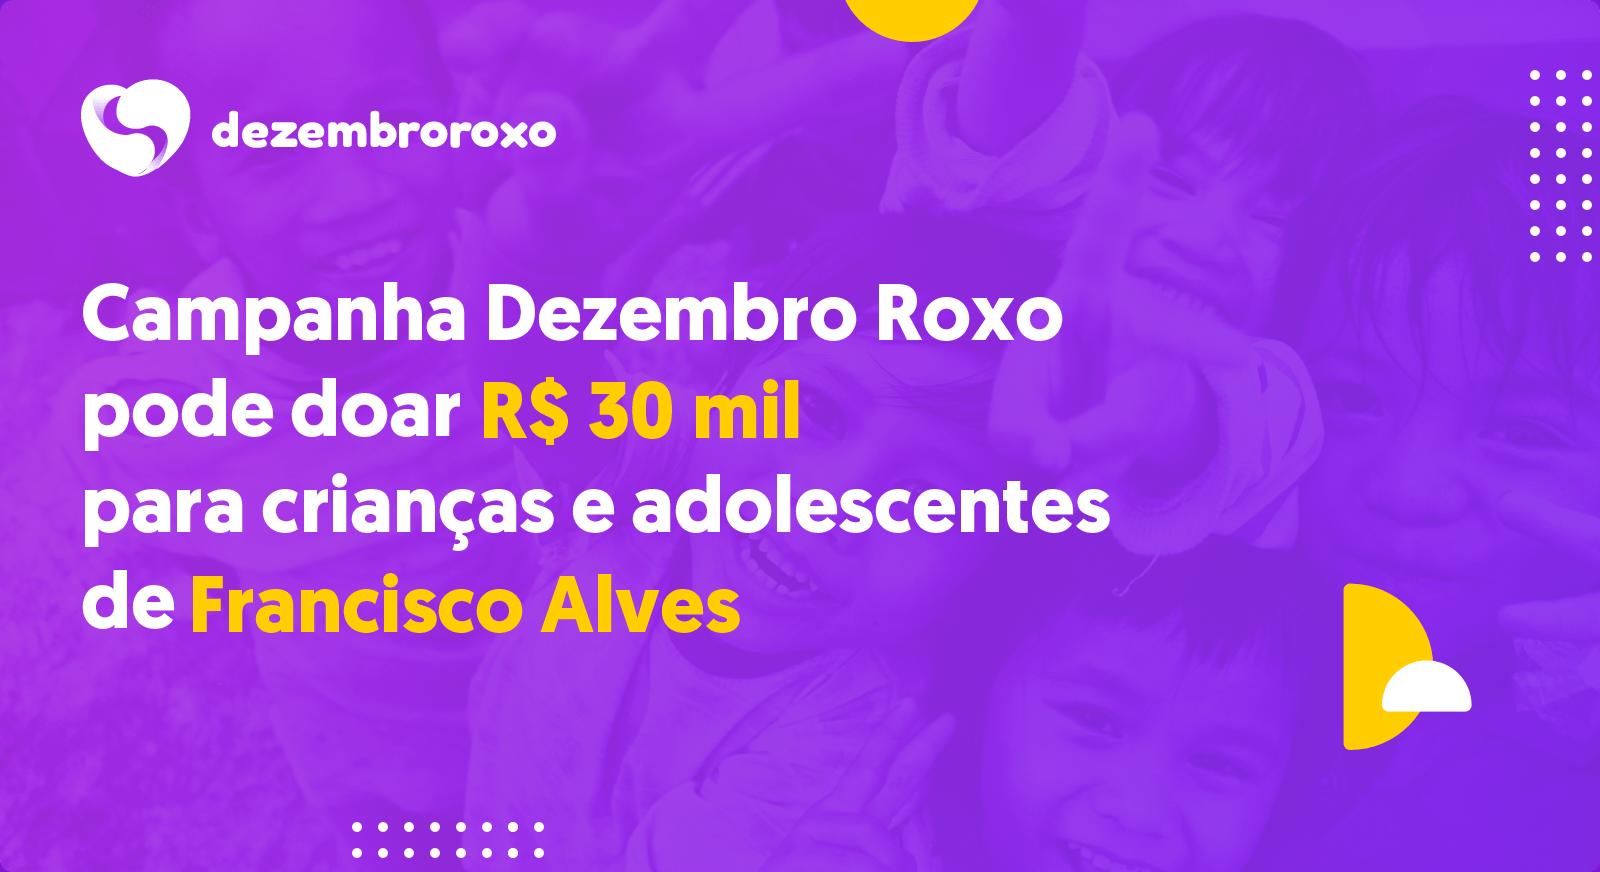 Doações em Francisco Alves - PR